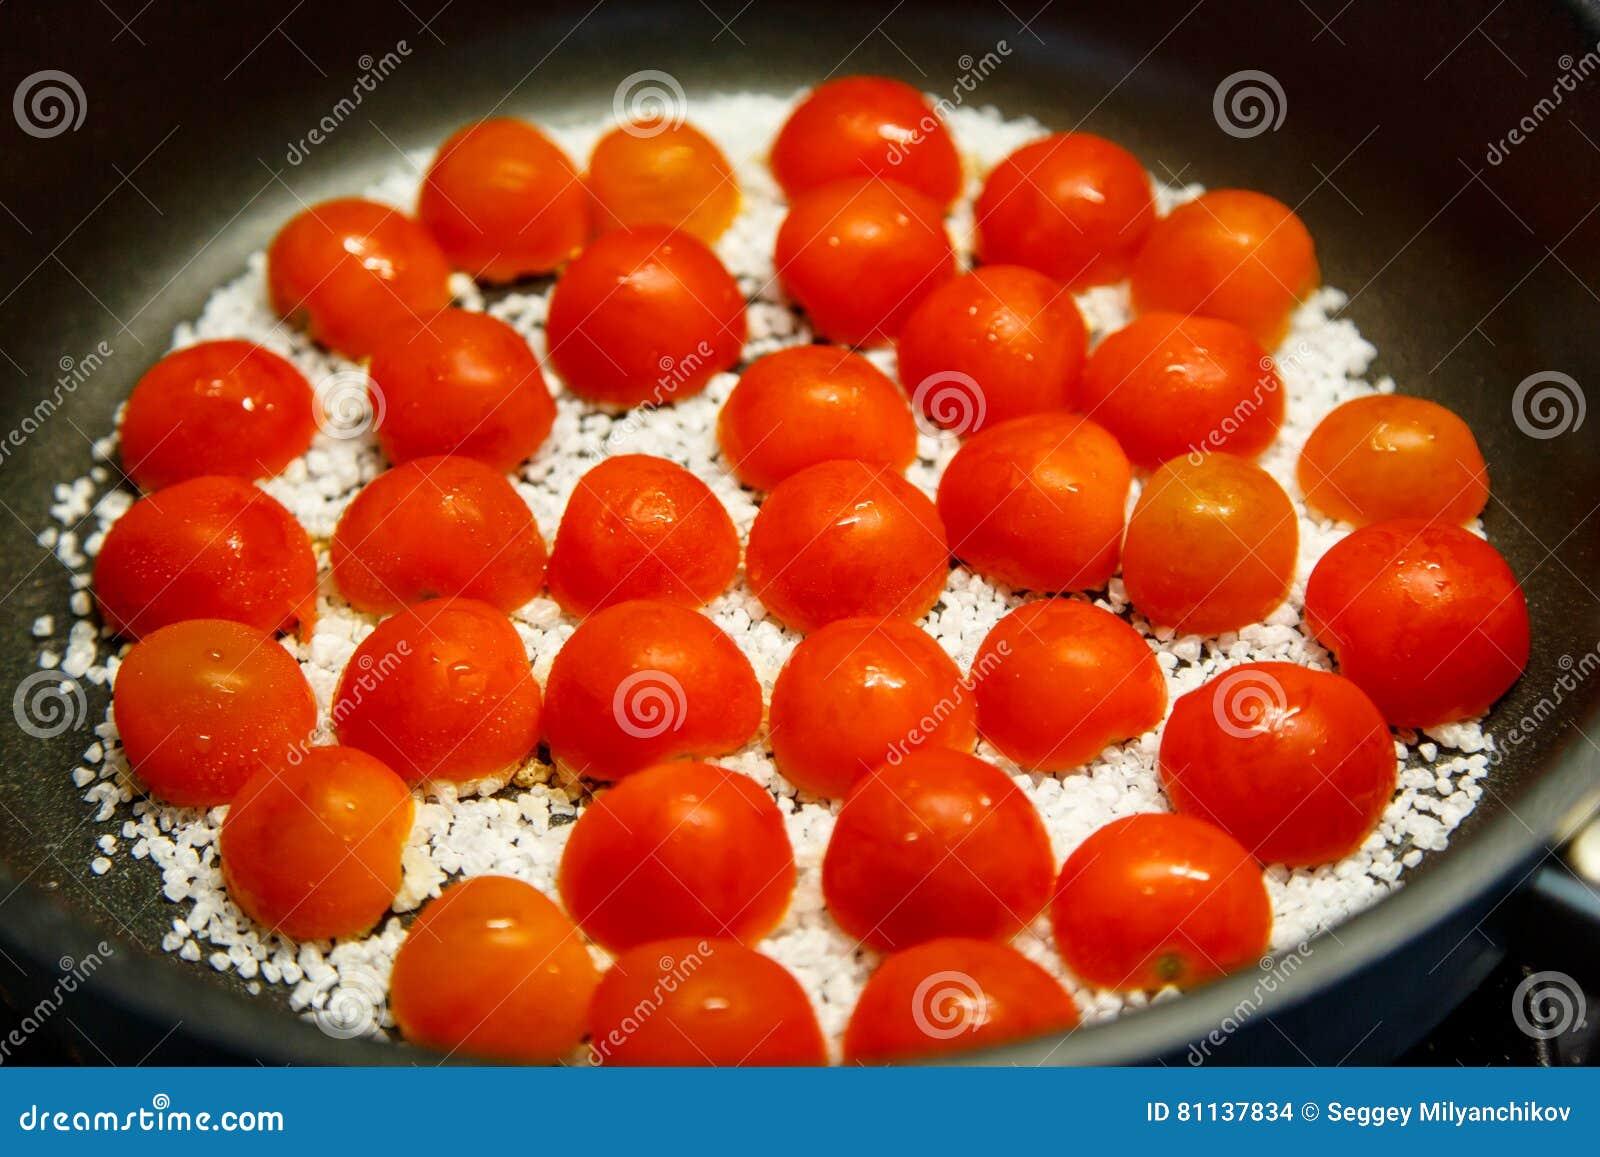 Bak de tomaten